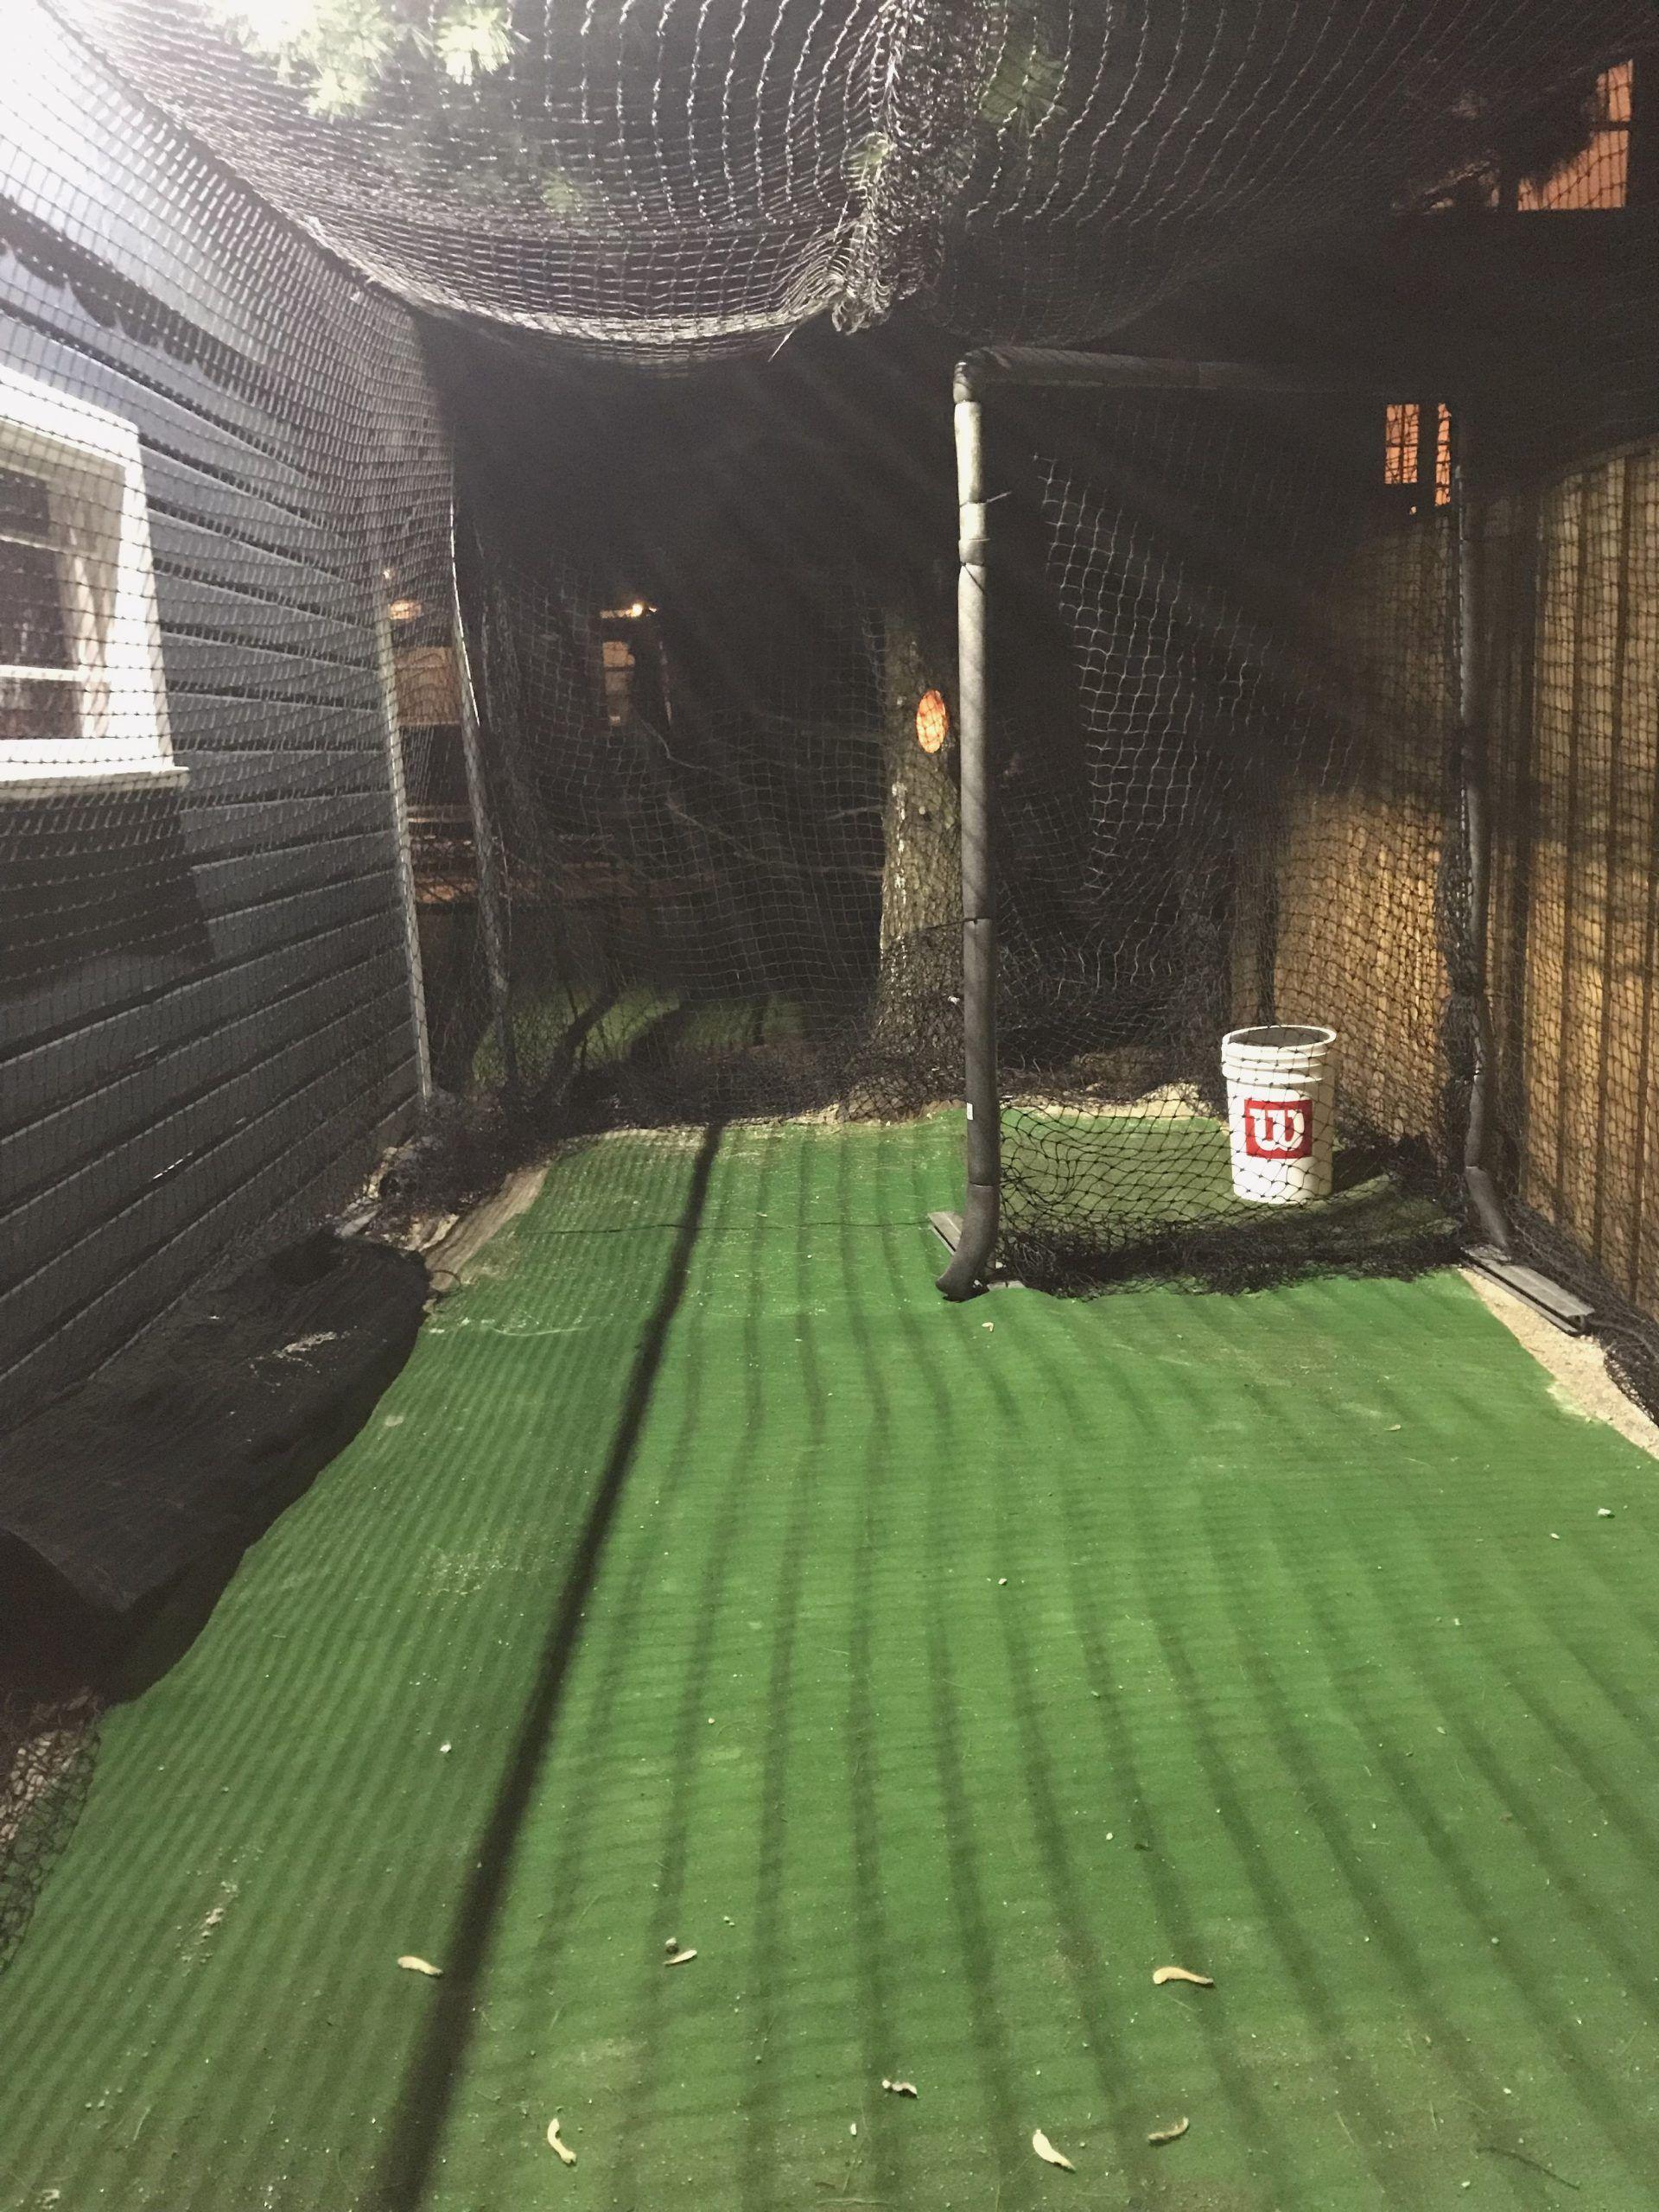 19 Outdoor Batting Cage Floor Ideas Outdoor Batting Cages Beloit